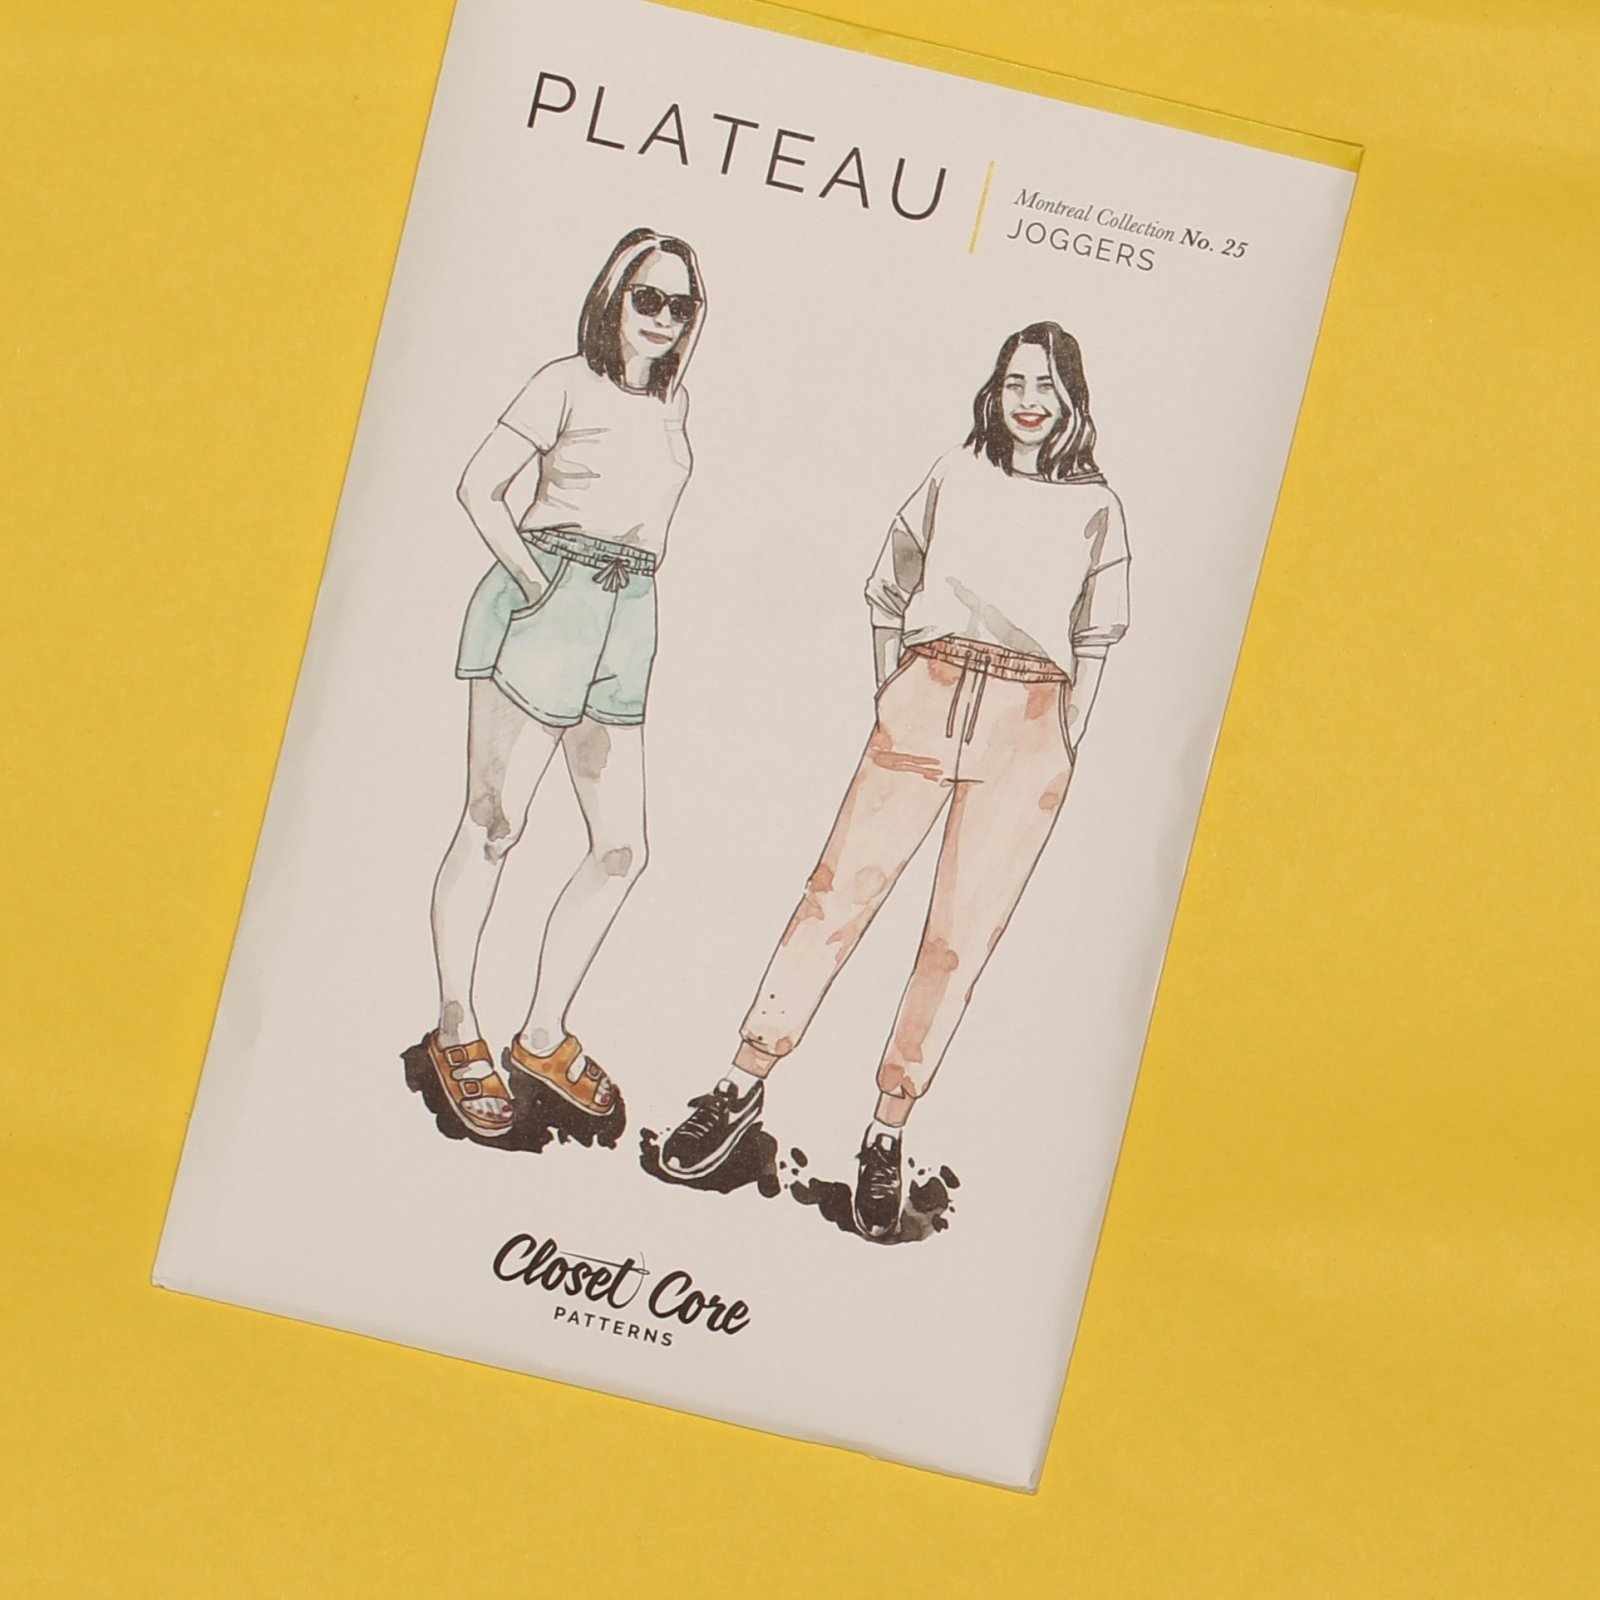 Closet Core Patterns - Plateau Joggers - Paper Pattern